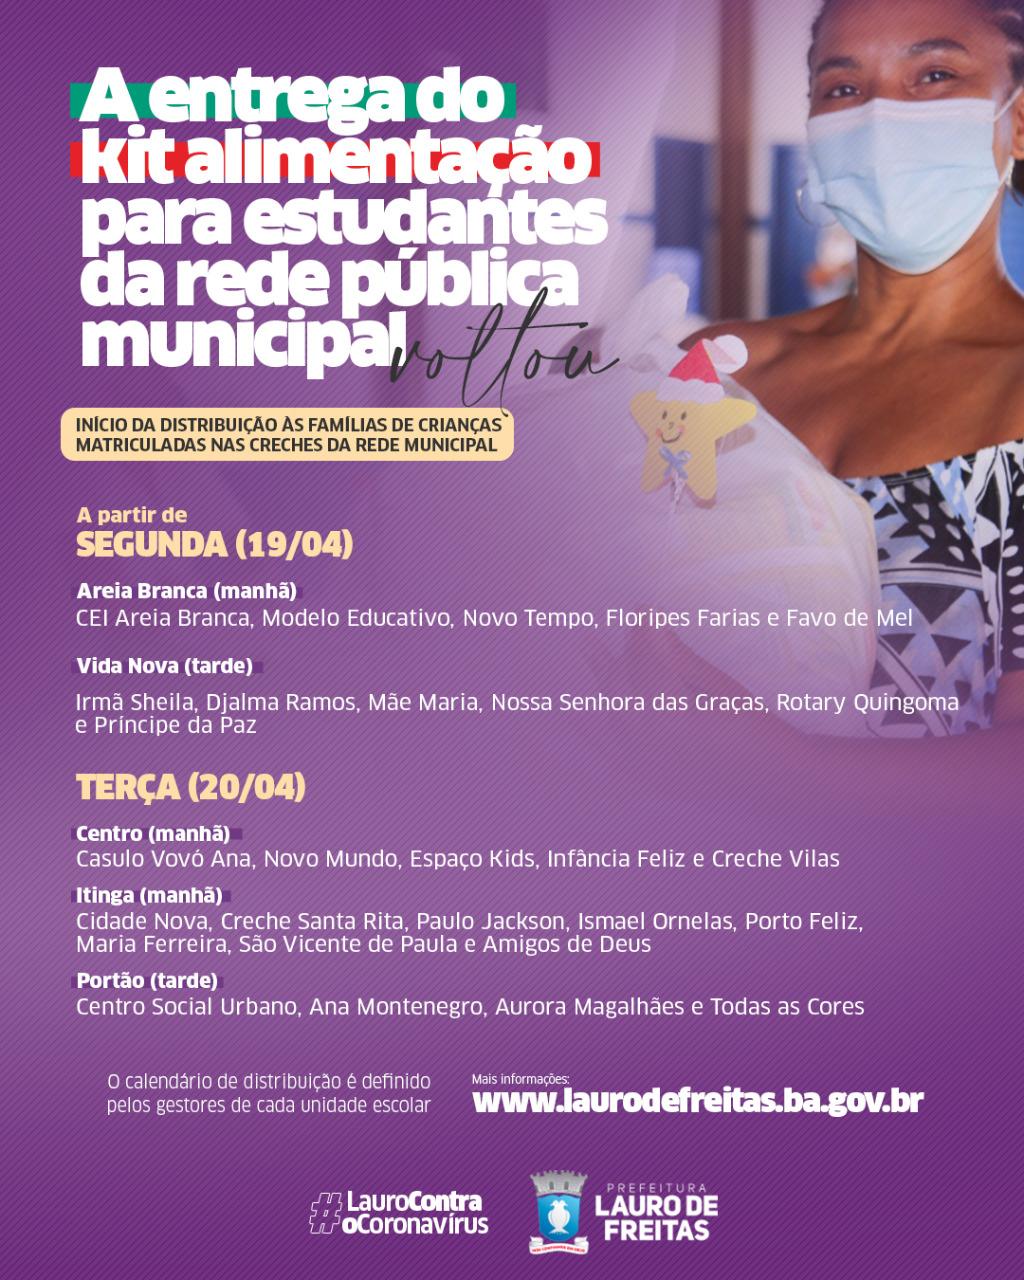 Prefeitura de Lauro de Freitas começa entrega dos kits alimentação pelas creches nesta segunda-feira (19)